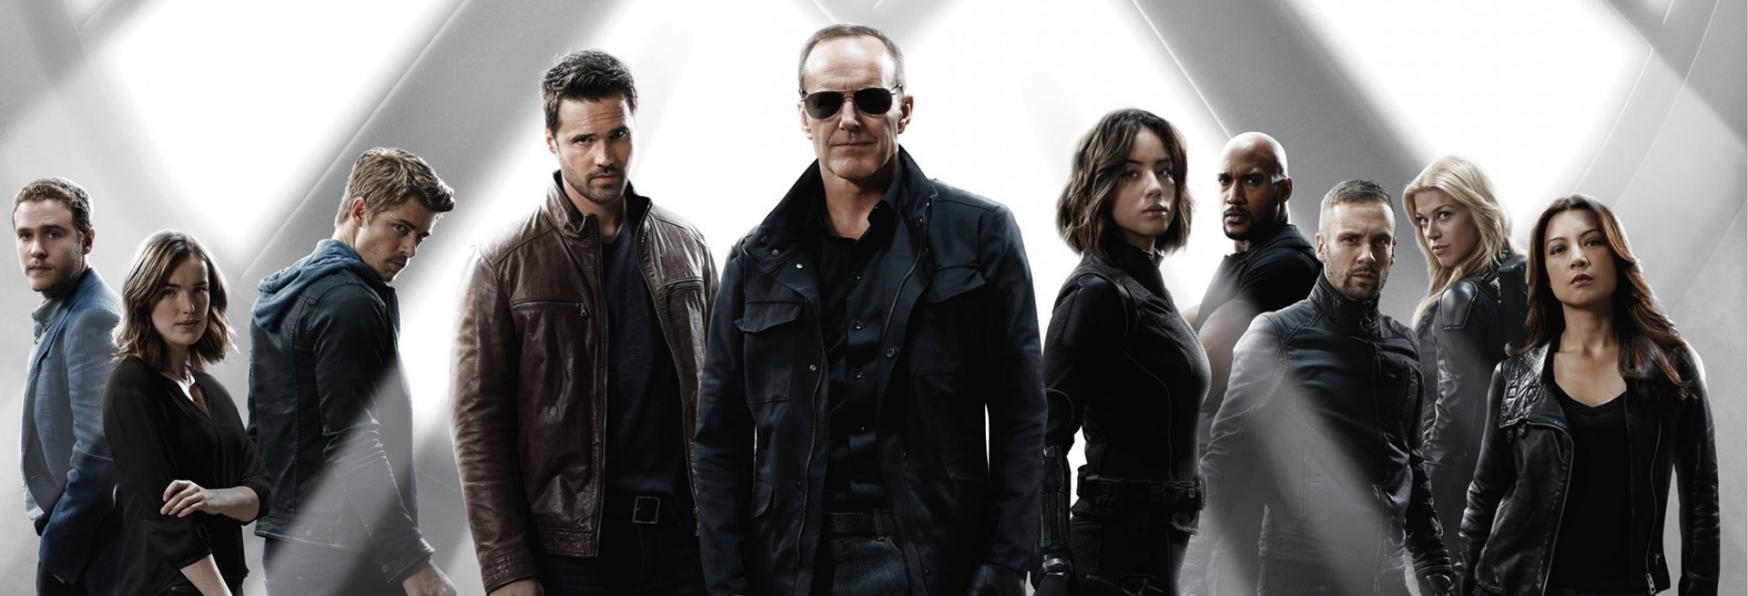 Agents of S.H.I.E.L.D. 8 non ci sarà. Arriva la Conferma del Produttore